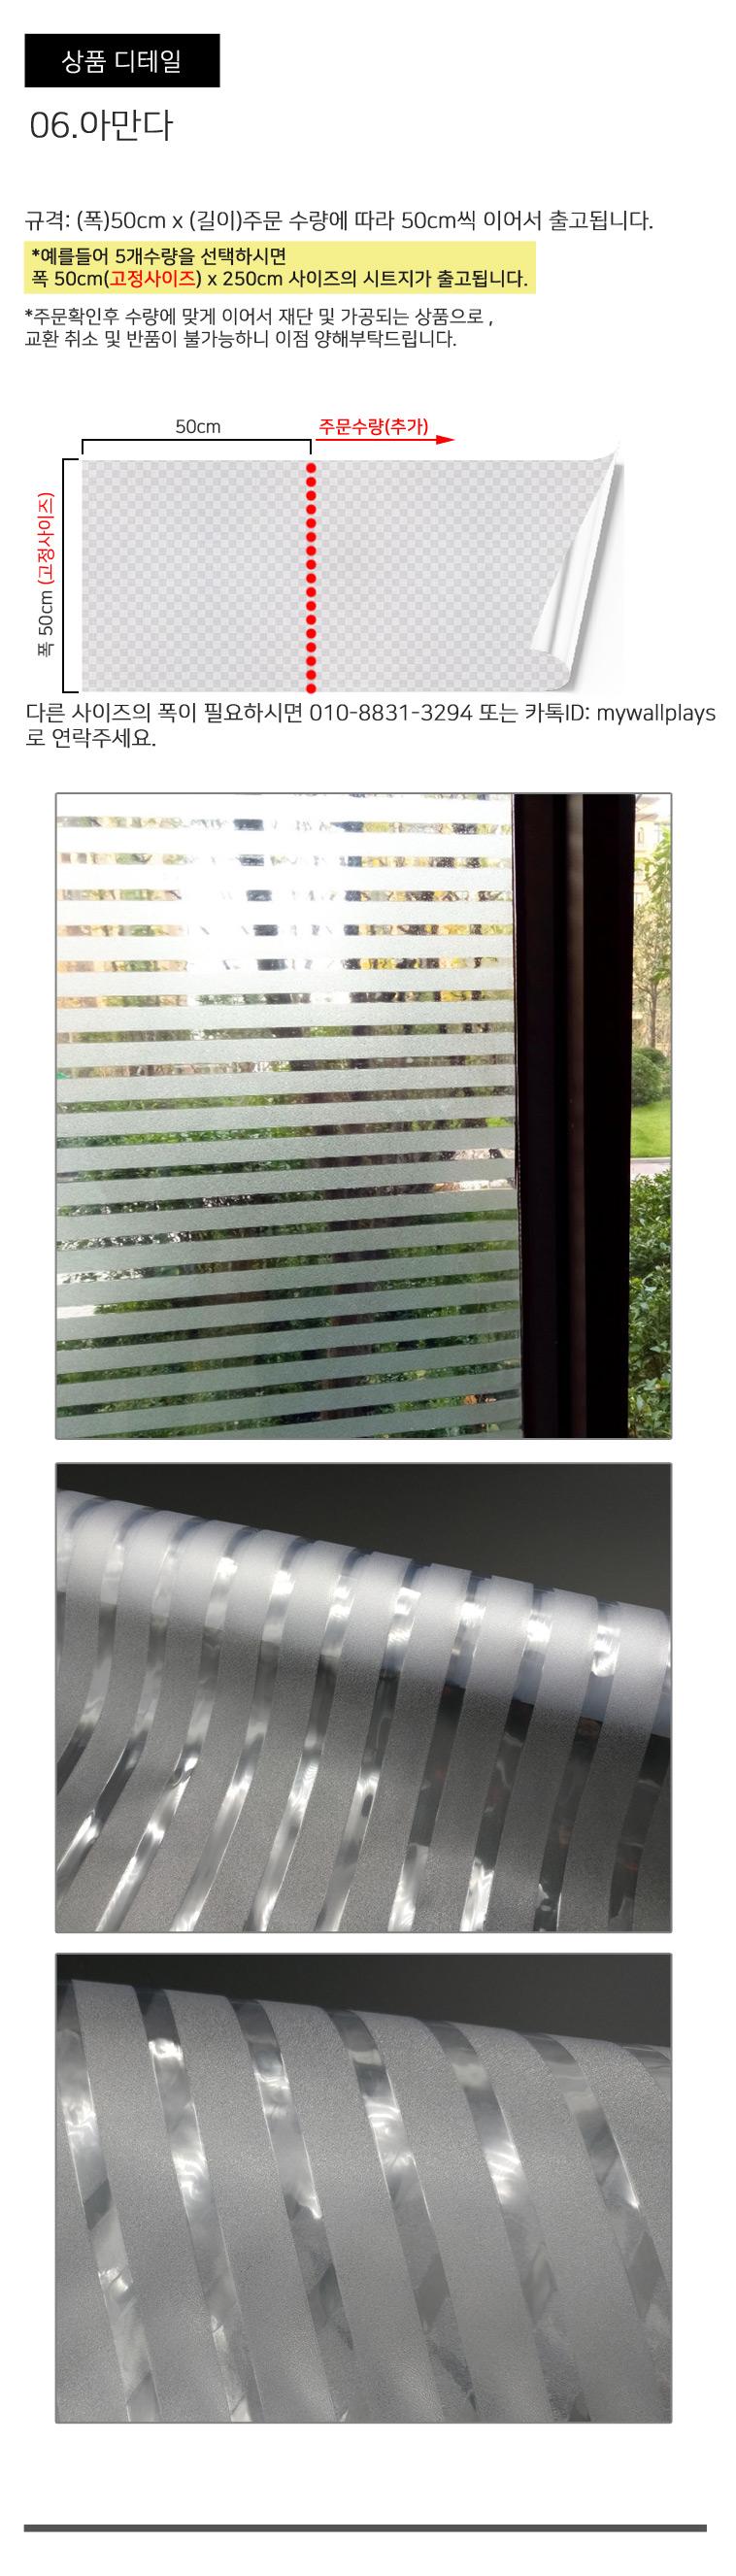 물로만 붙이는 무점착 창문시트지 14종 - 마이월플레이즈, 1,900원, 벽지/시트지, 디자인 시트지